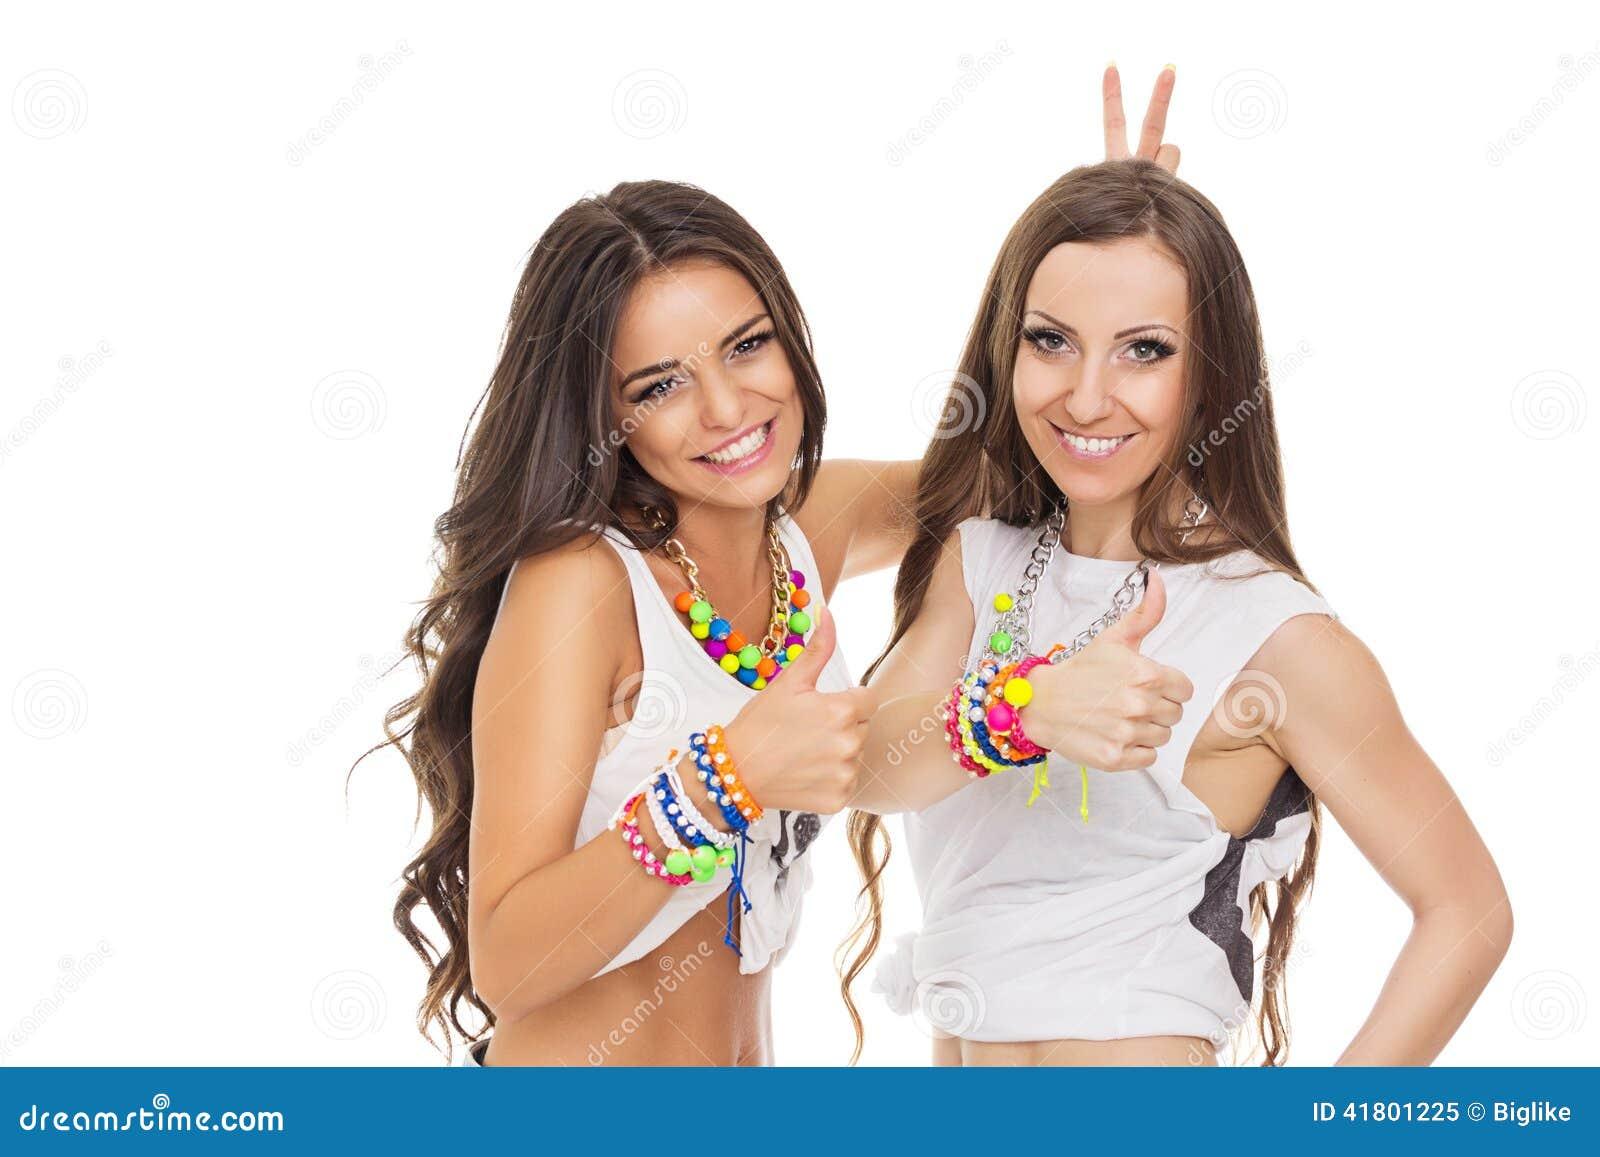 Παρουσίαση δύο η ευτυχής μοντέρνη νέα γυναικών φυλλομετρεί επάνω να φορέσει το ζωηρόχρωμο κόσμημα